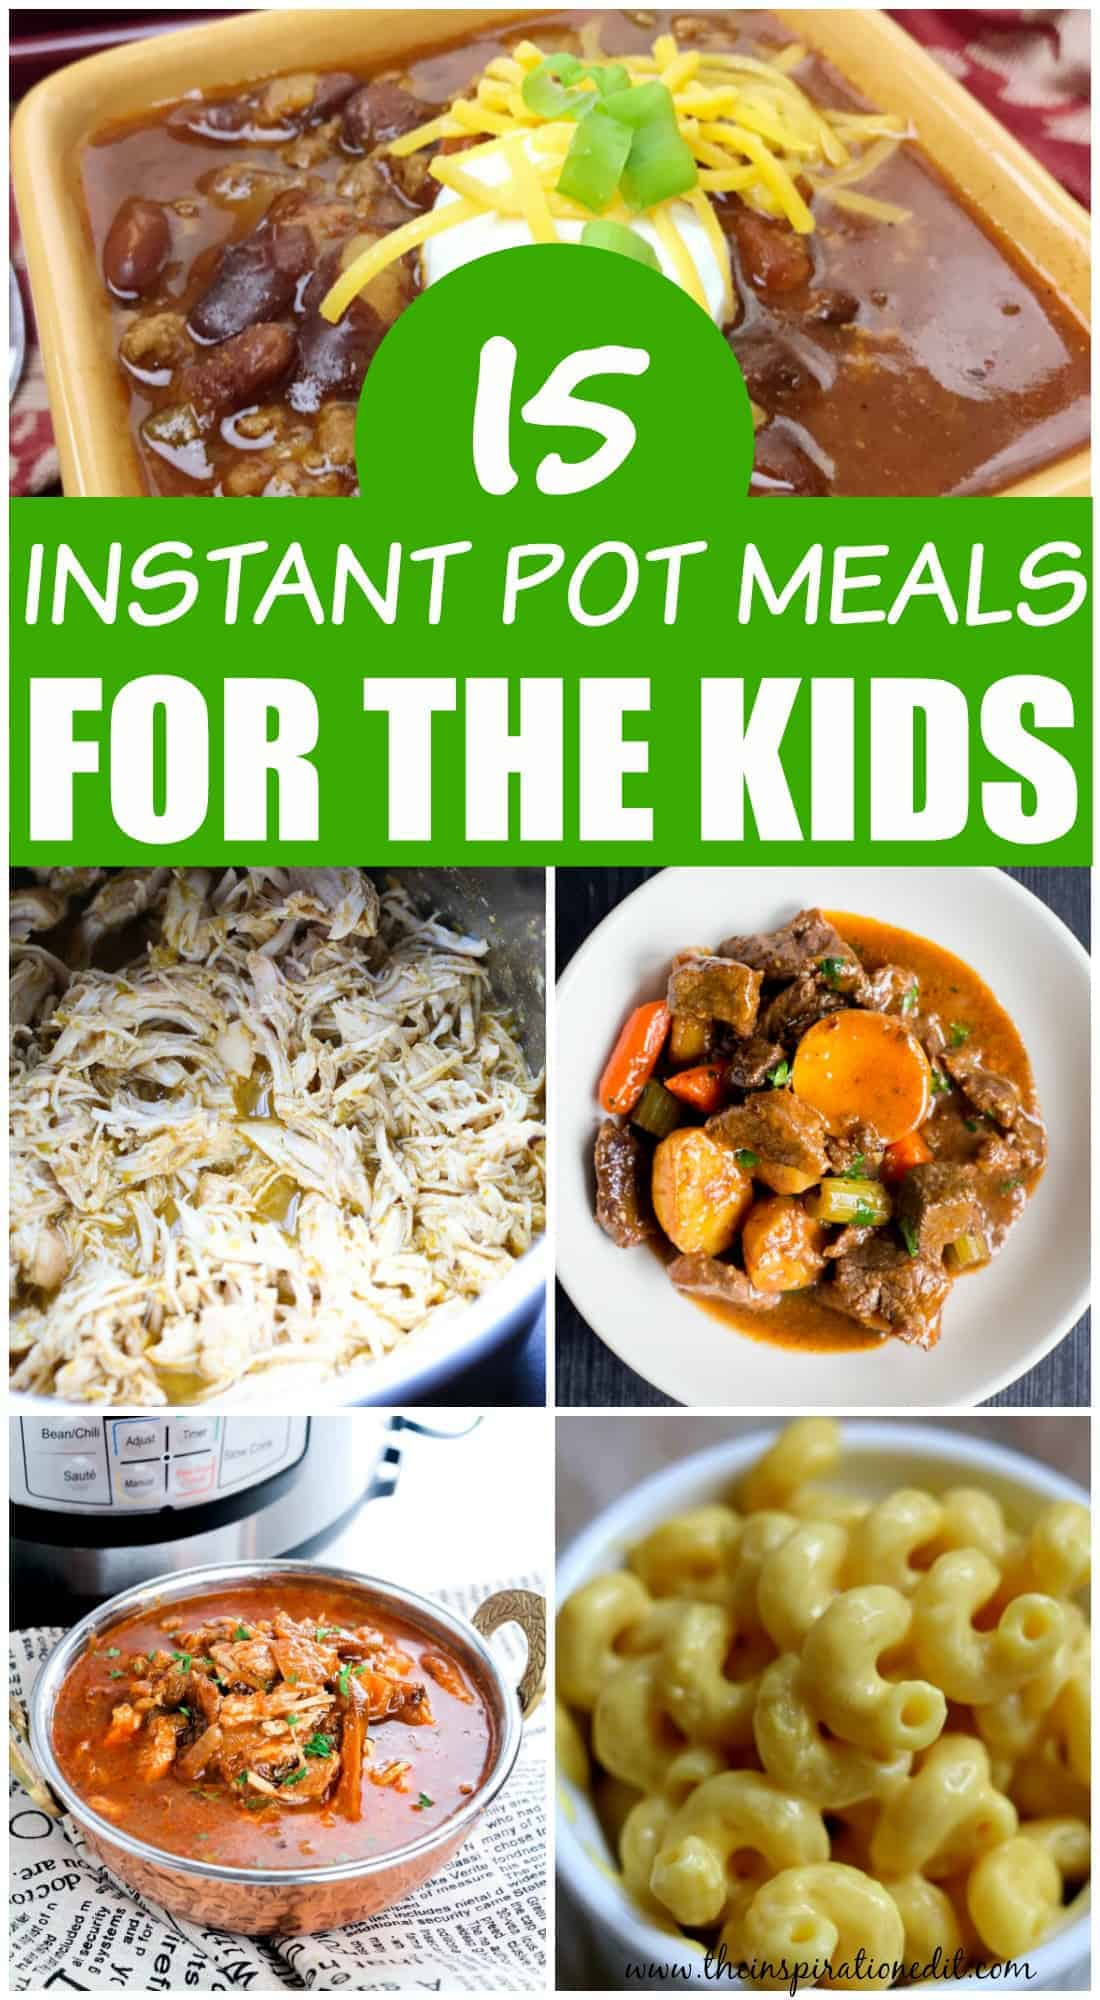 instant pot meals for kids